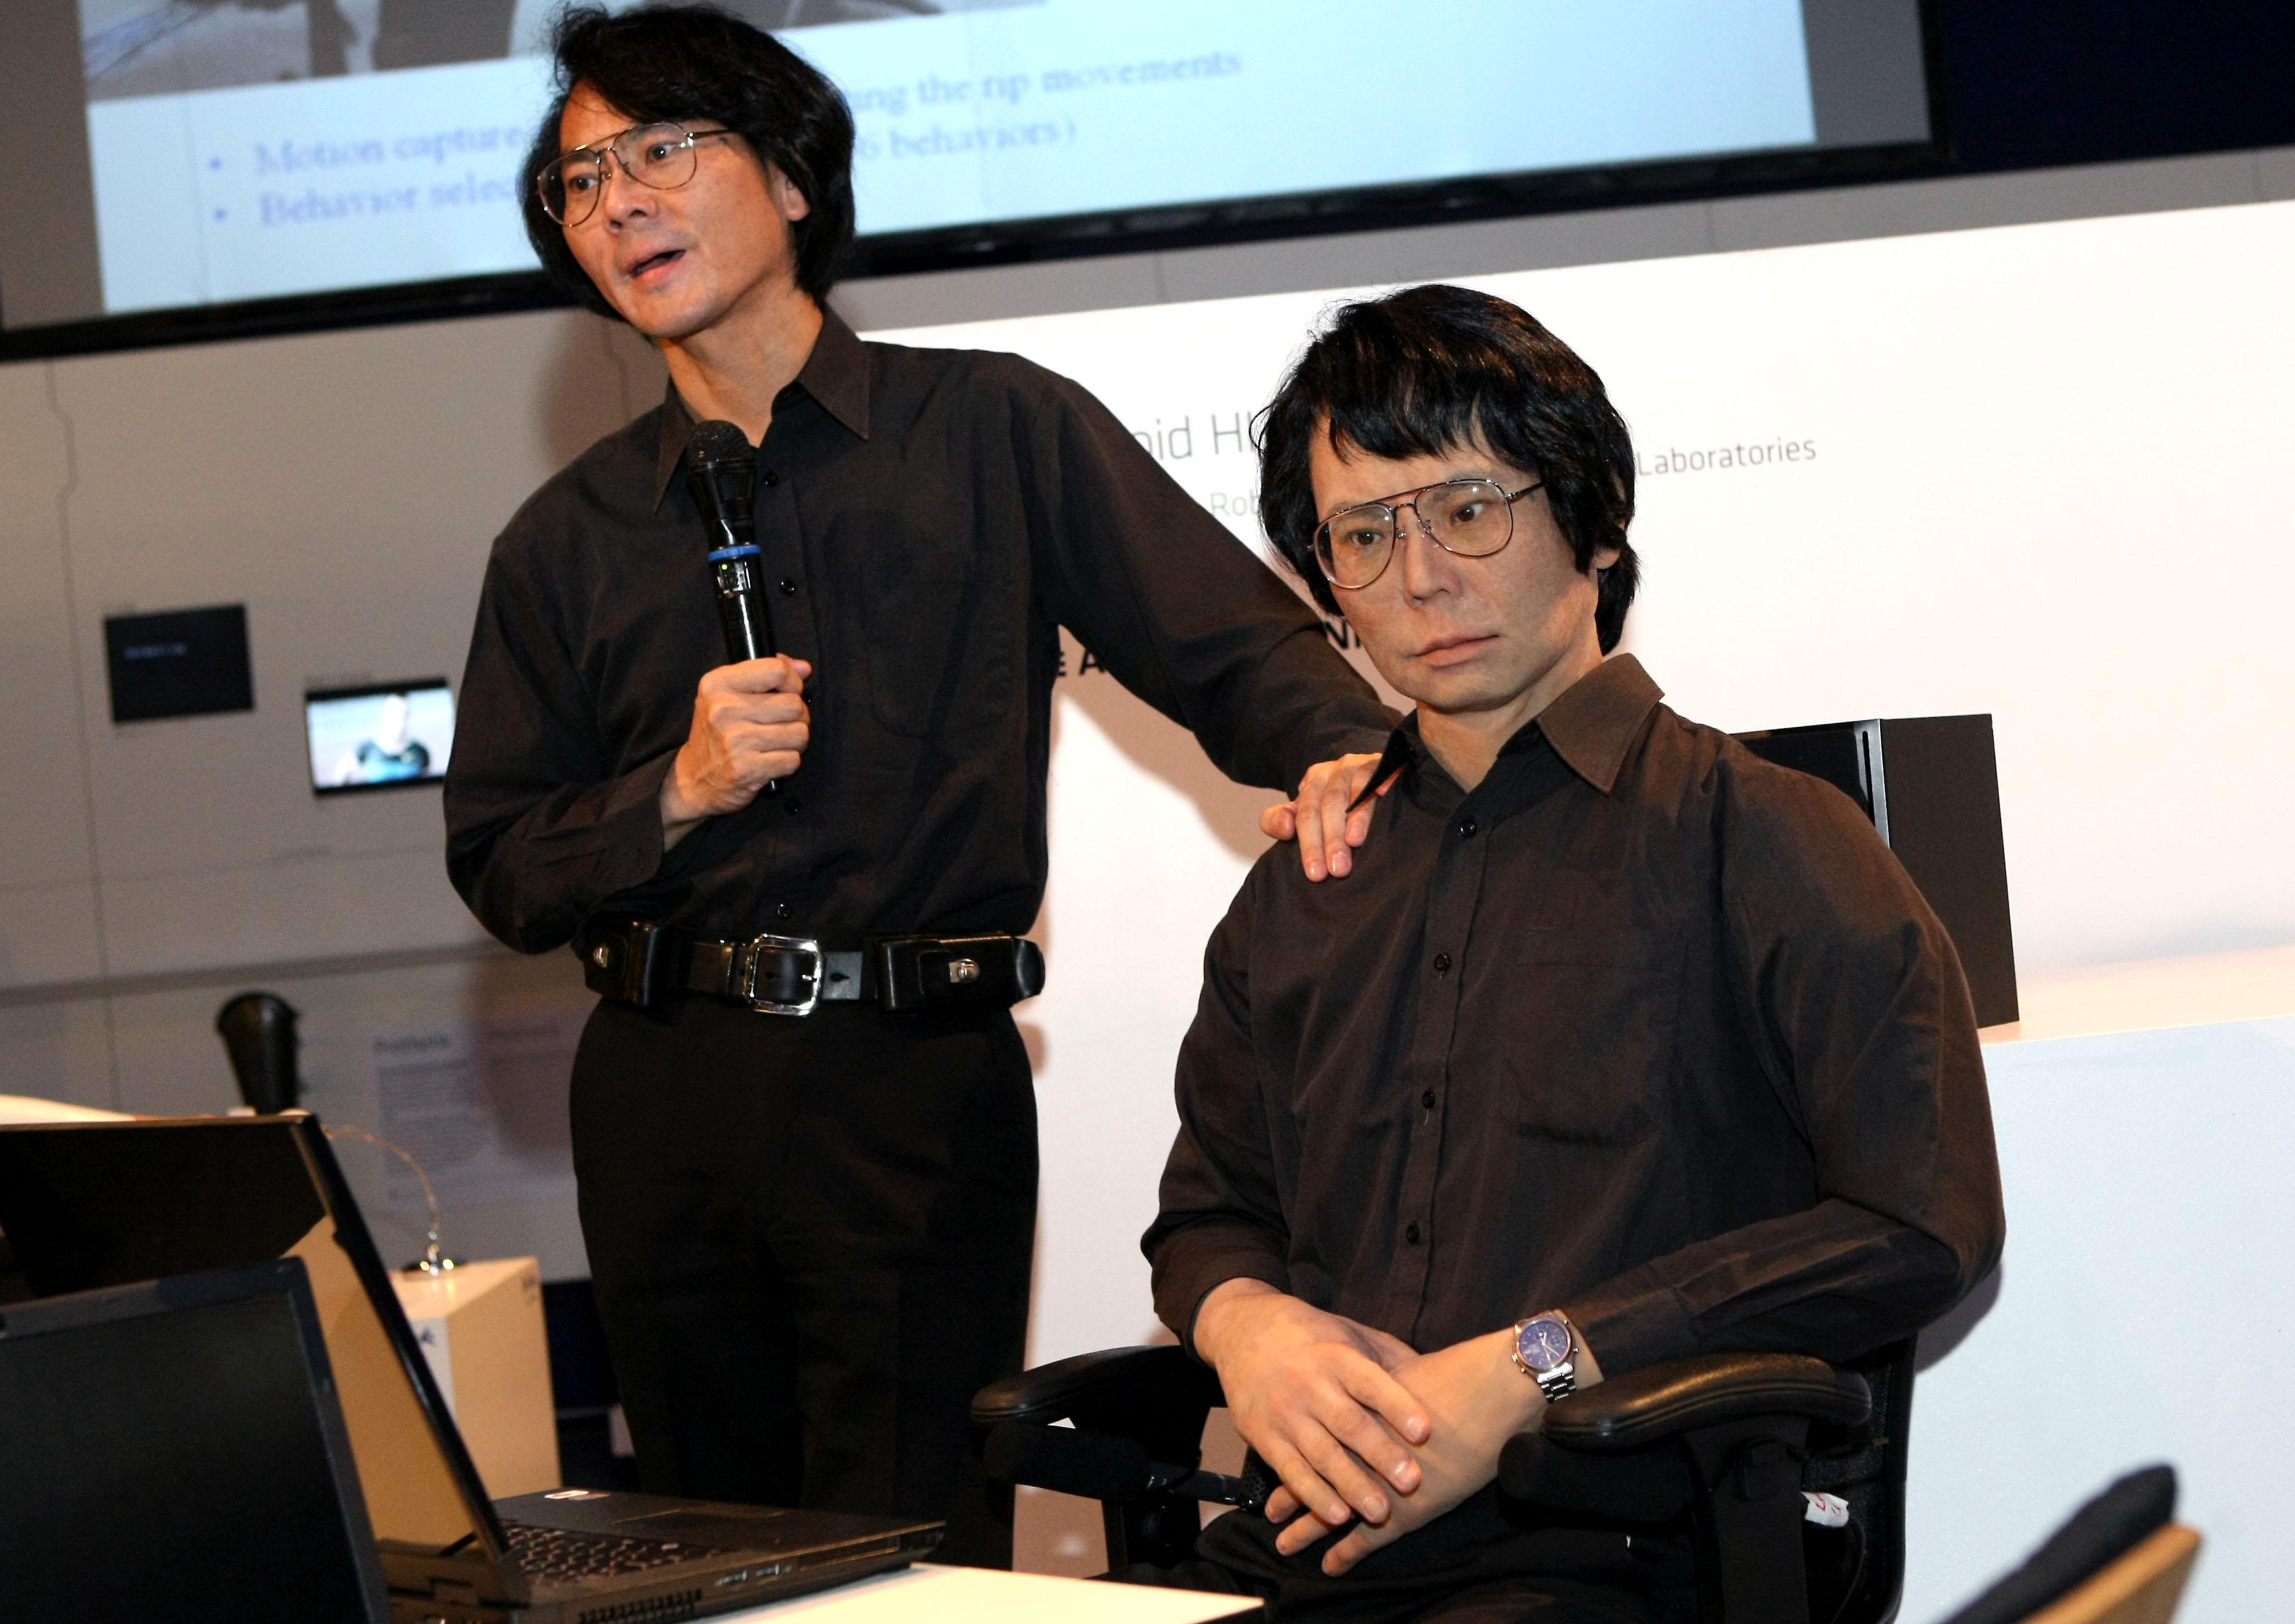 Professor Hiroshi Ishiguro and his robot double.